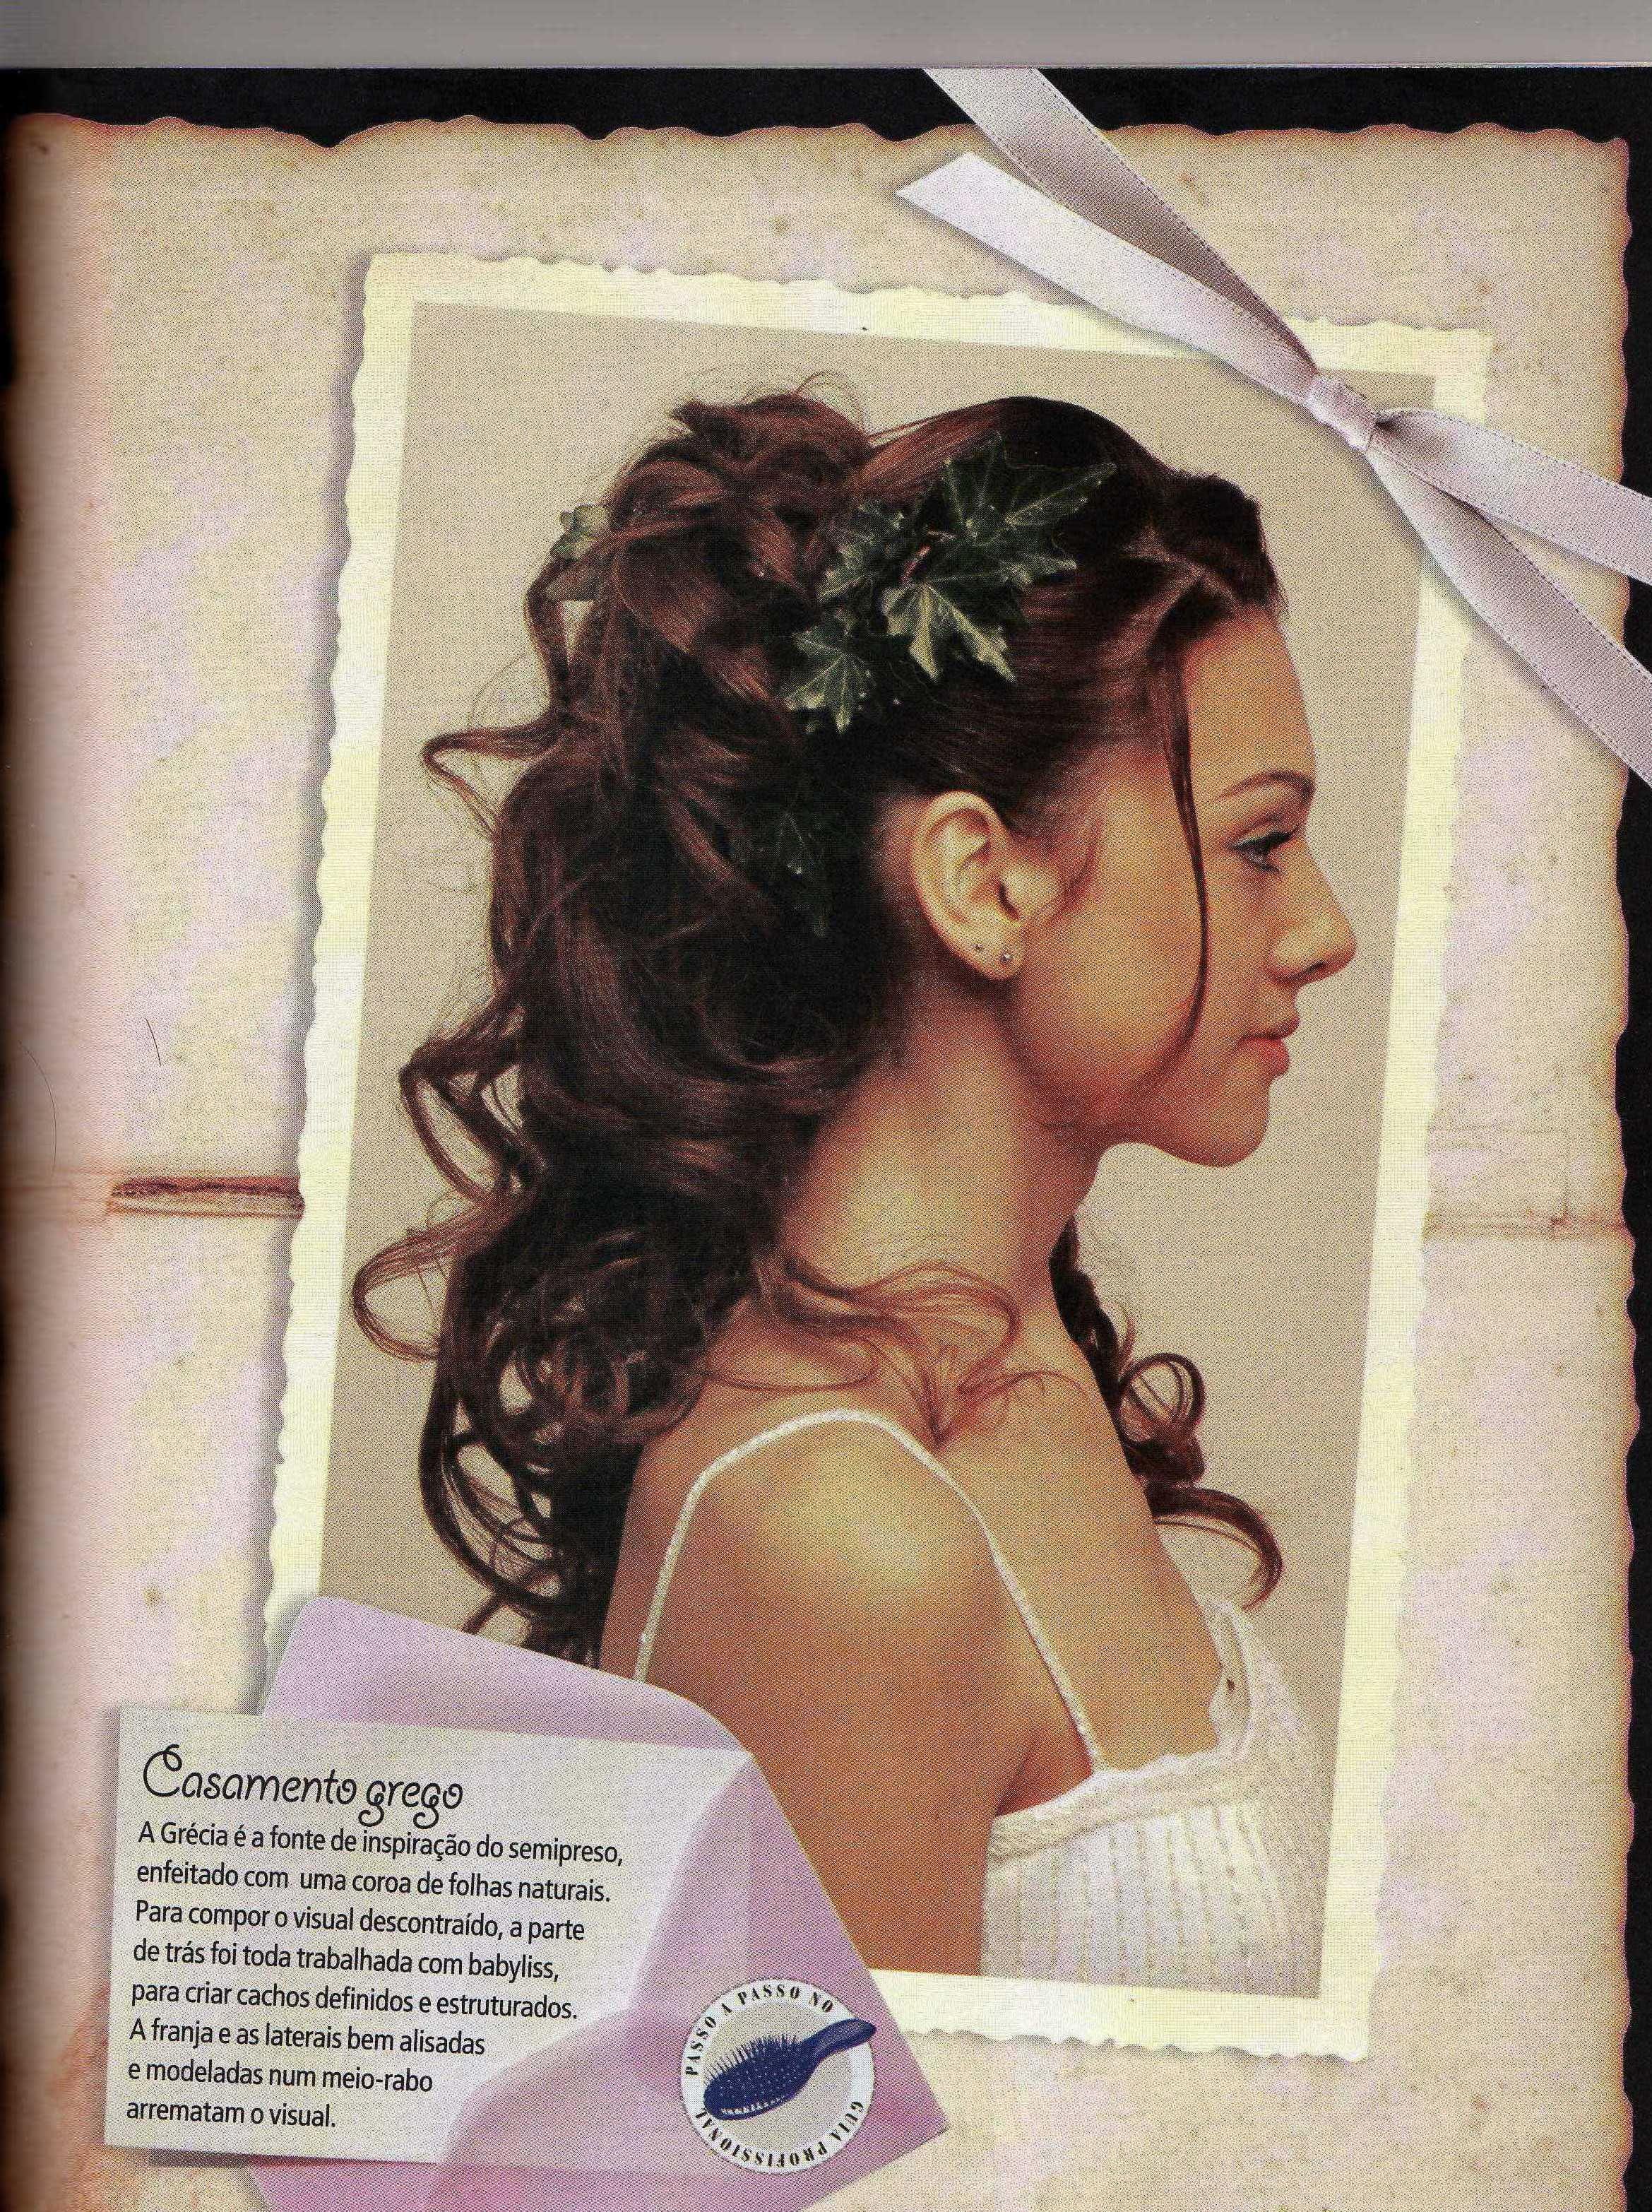 este e o resultado final cabeleireiro(a) docente / professor(a) maquiador(a) stylist /visagista